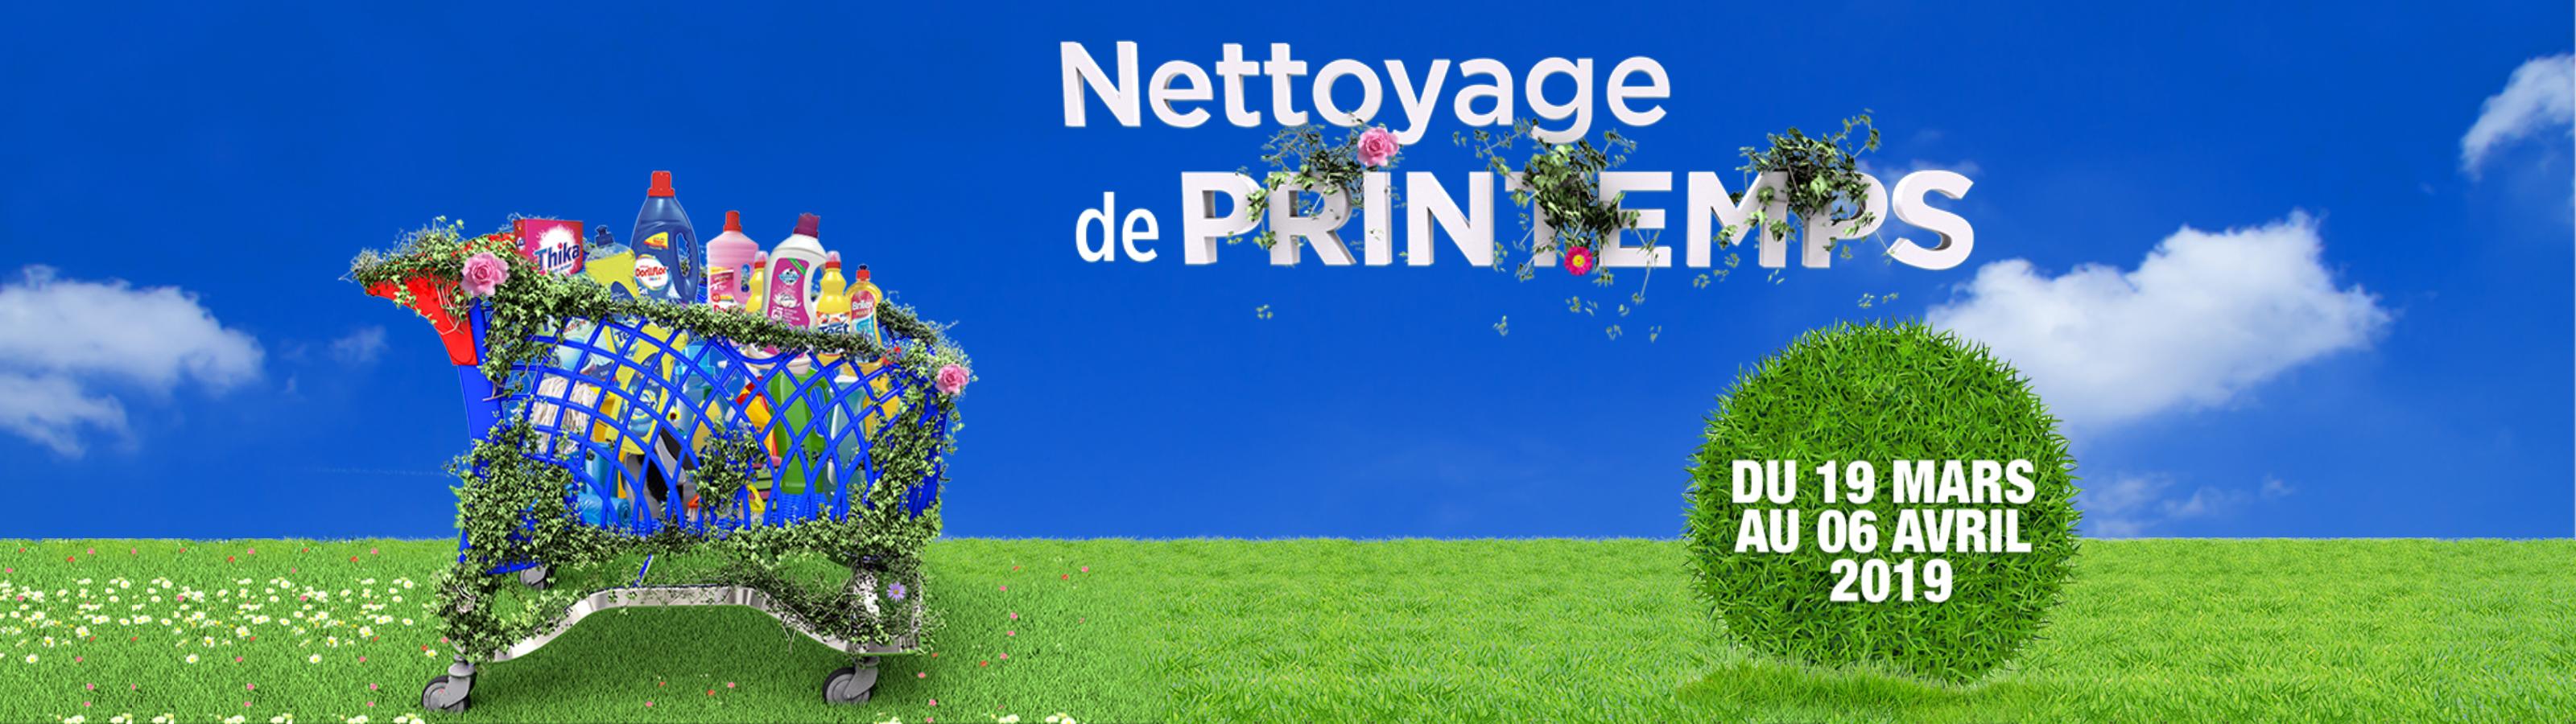 catalogue nettoyage